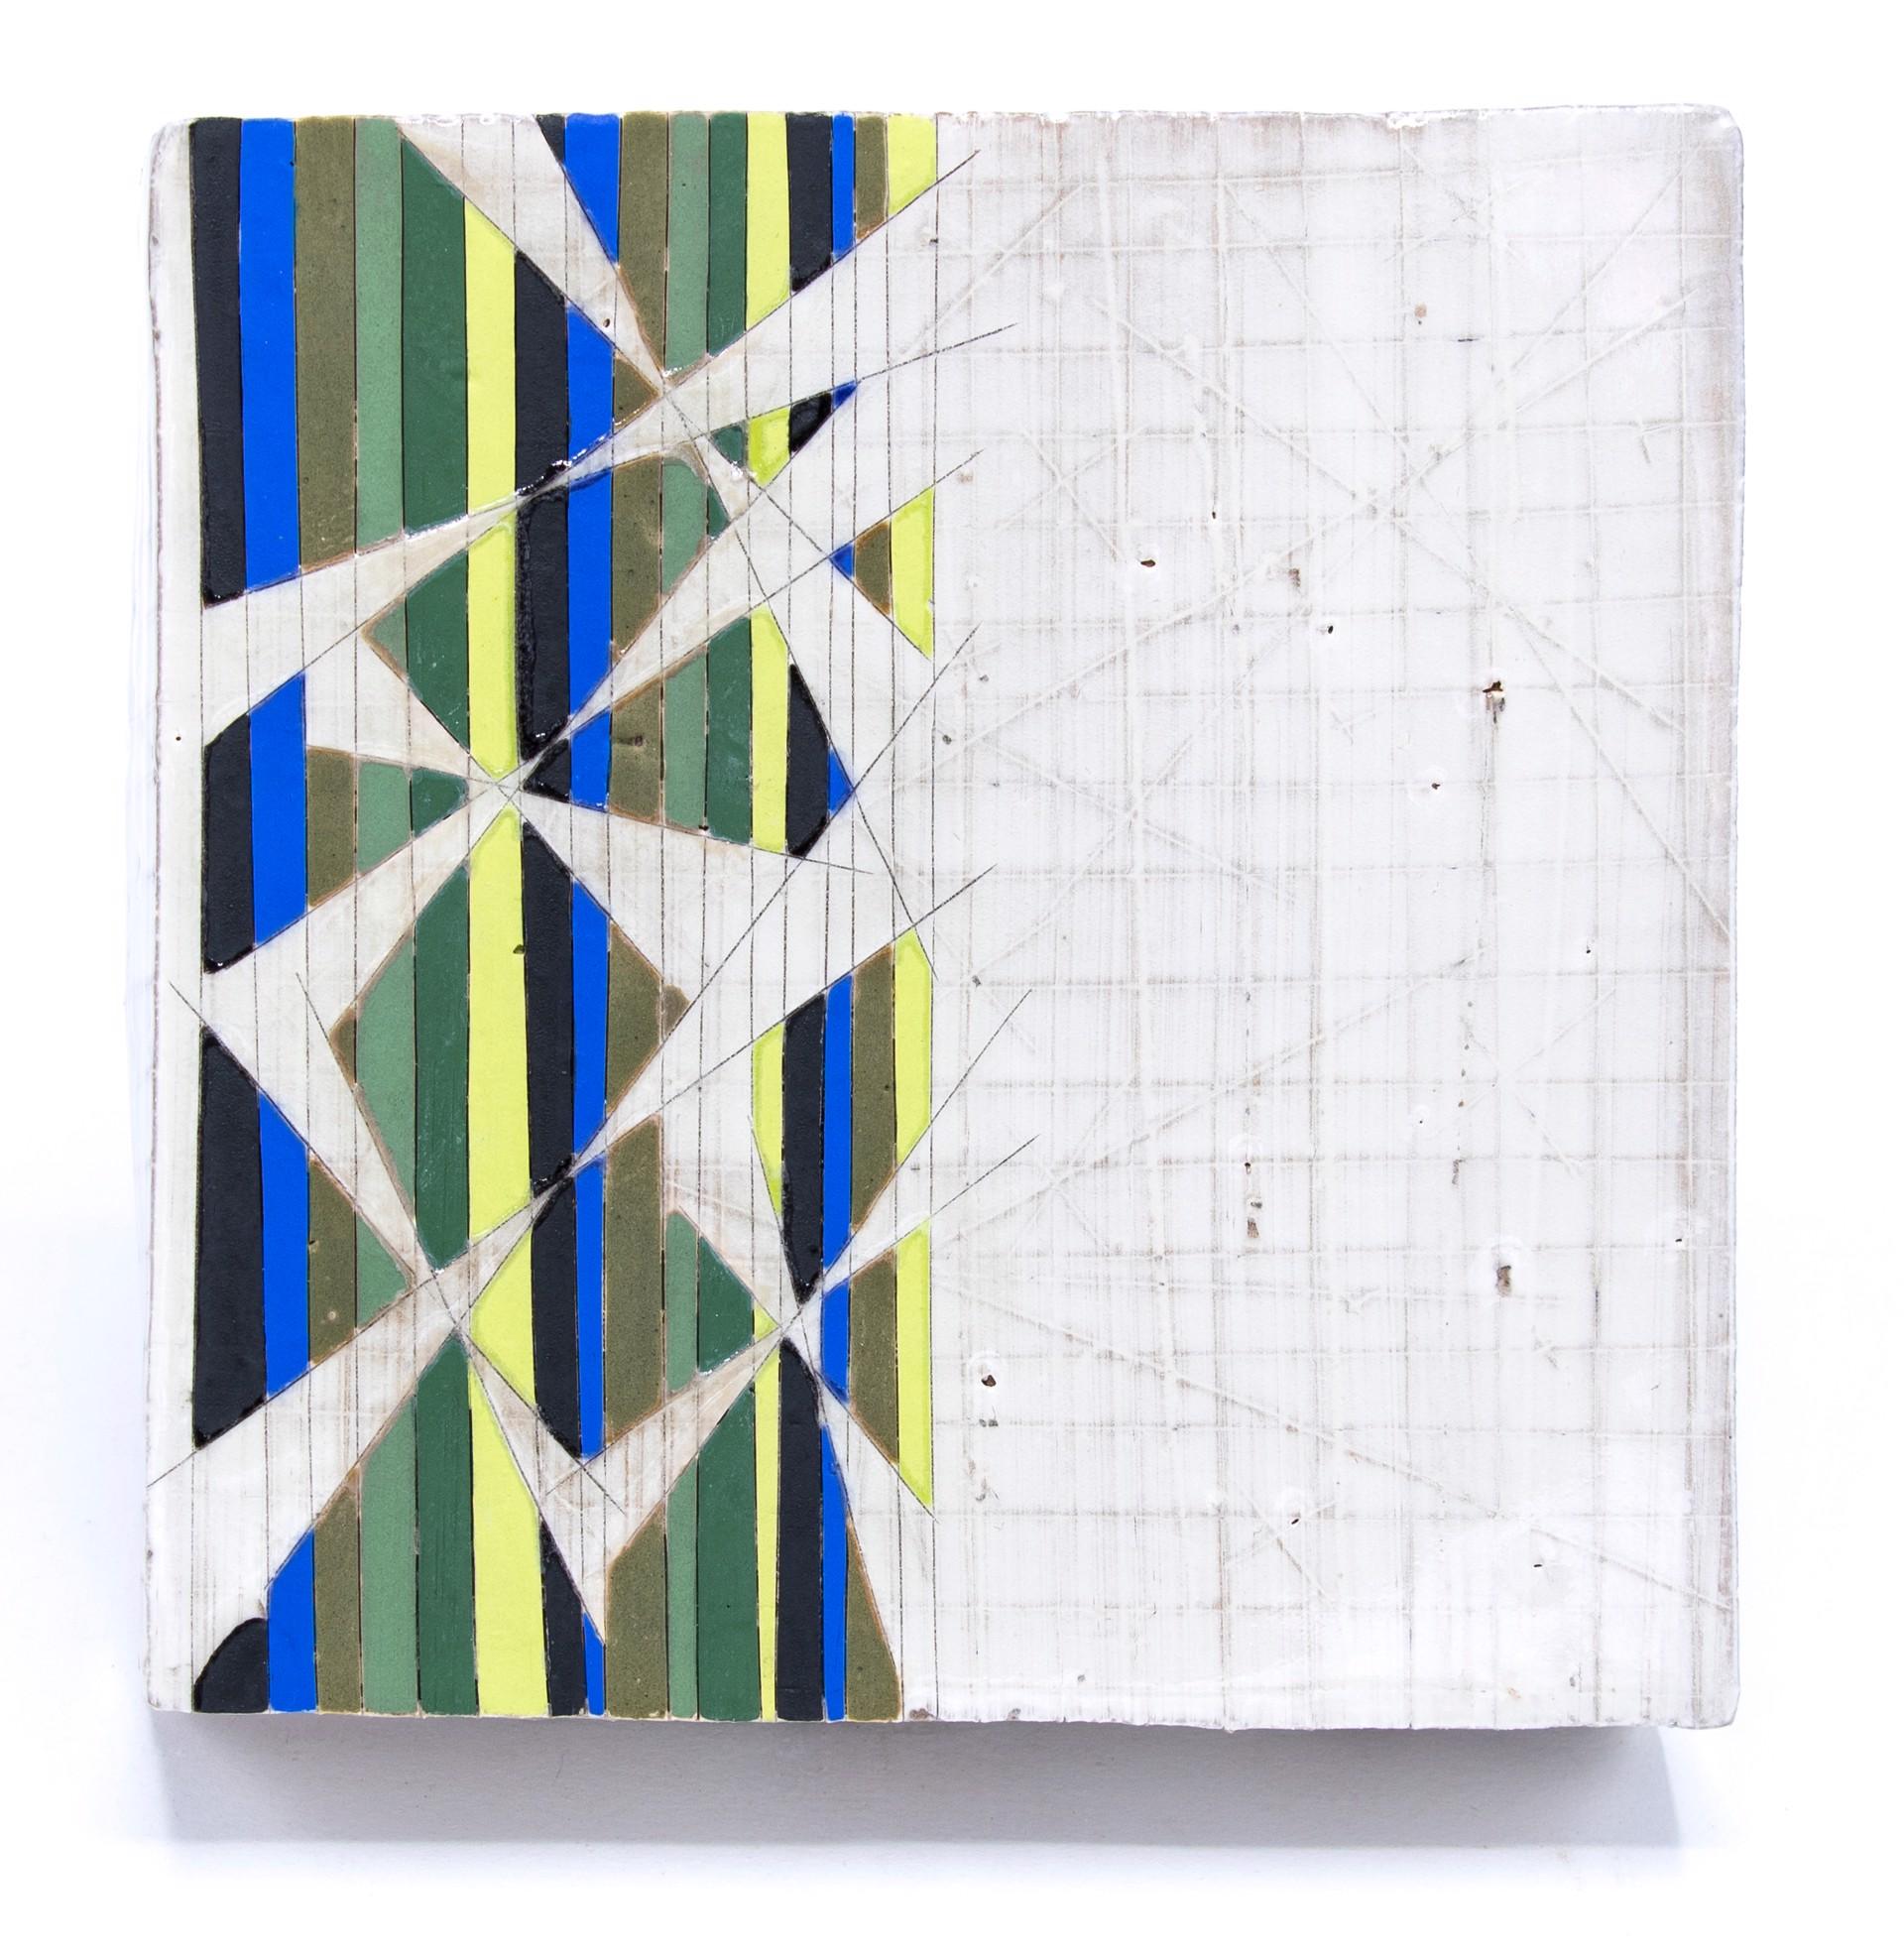 Tile (9) by Zak Helenske